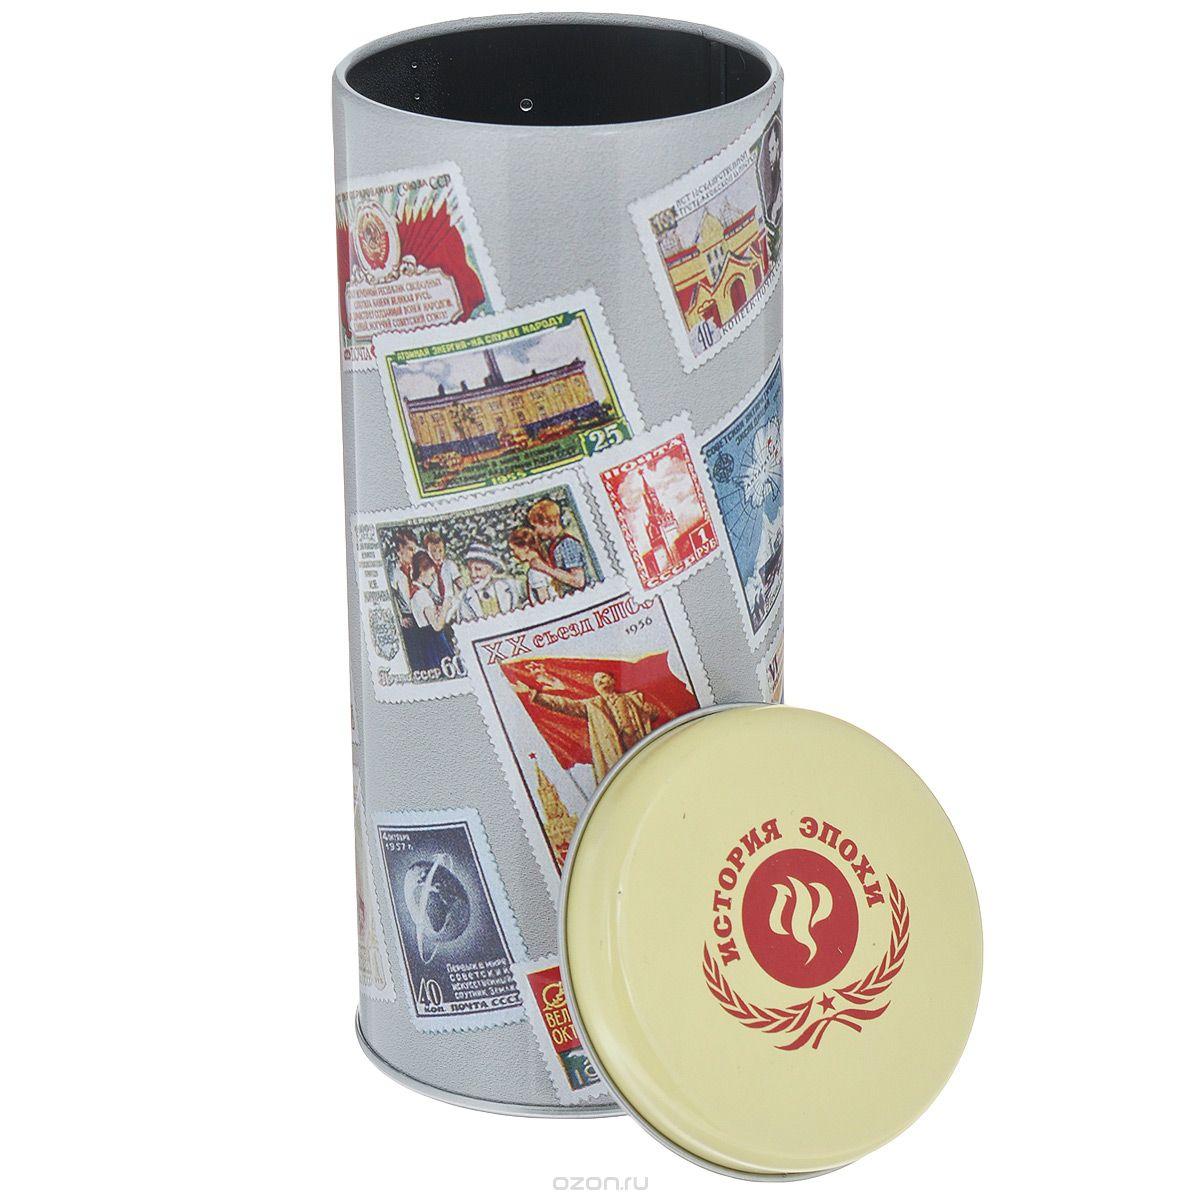 Емкость для сыпучих продуктов Феникс-Презент Почтовые марки, 750 млVT-1520(SR)Емкость для сыпучих продуктов Феникс-Презент Почтовые марки изготовлена из окрашенного черного металла. Изделие оформлено красочным изображением советских почтовых марок. Плотно закрывается крышечкой. В такой емкости удобно хранить специи, соль, сахар, кофе, чай и другие сыпучие продукты. Такая емкость стильно дополнит любой кухонный интерьер, добавив немного ретро в окружающую обстановку.